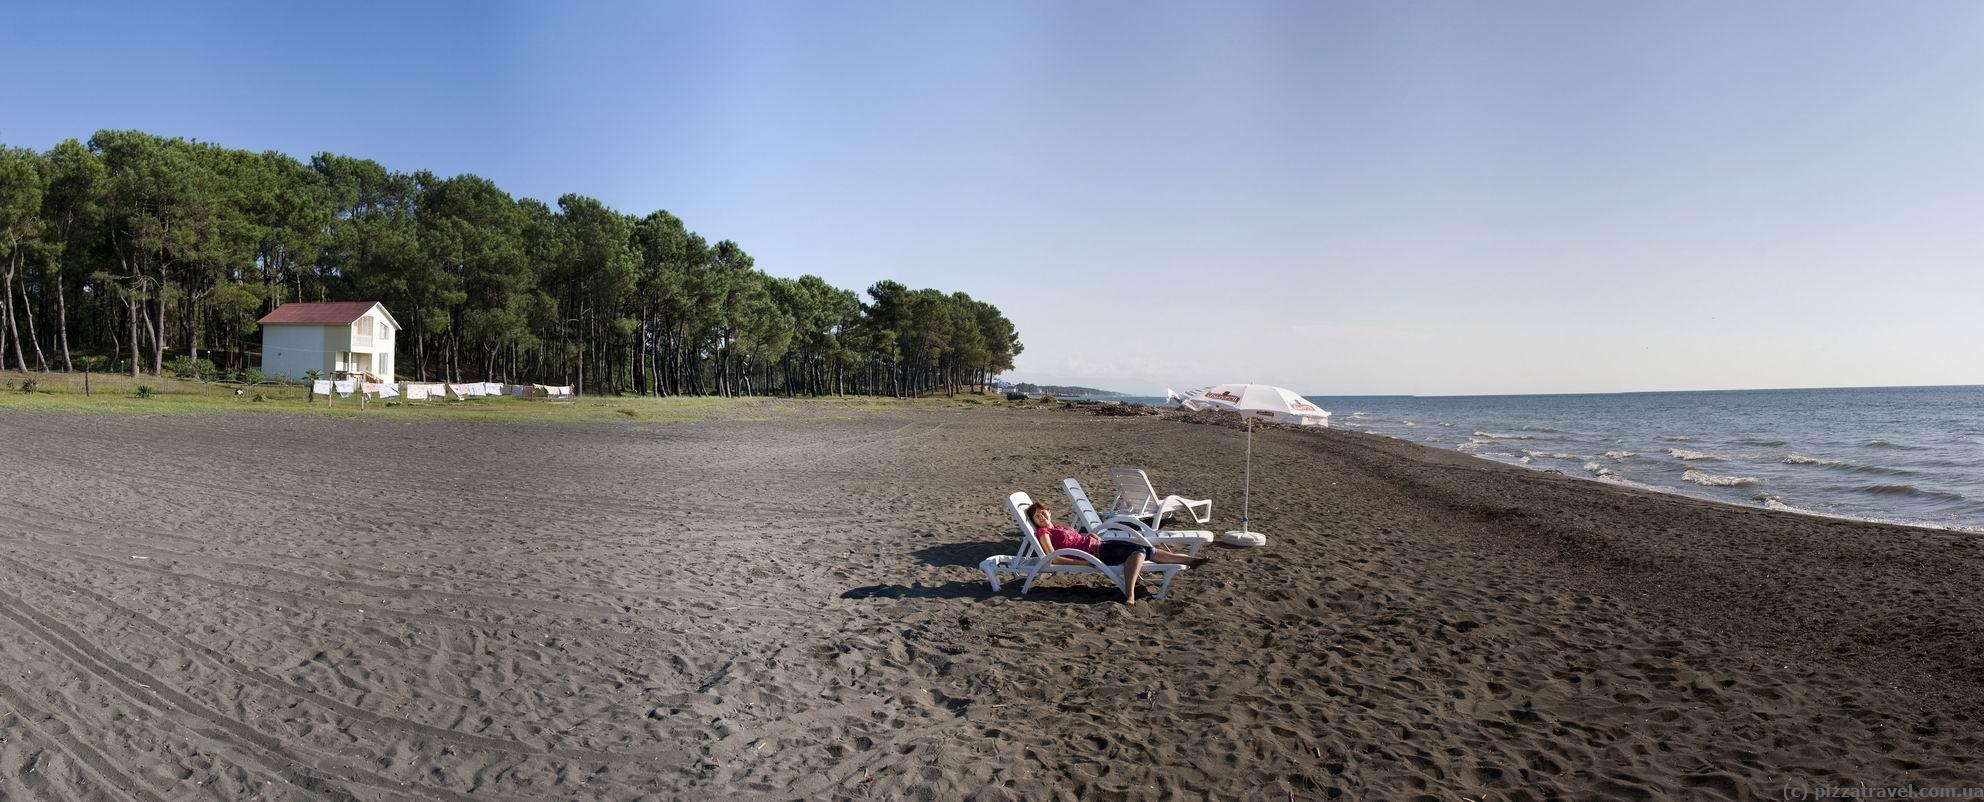 Батуми фото пляжей и набережной